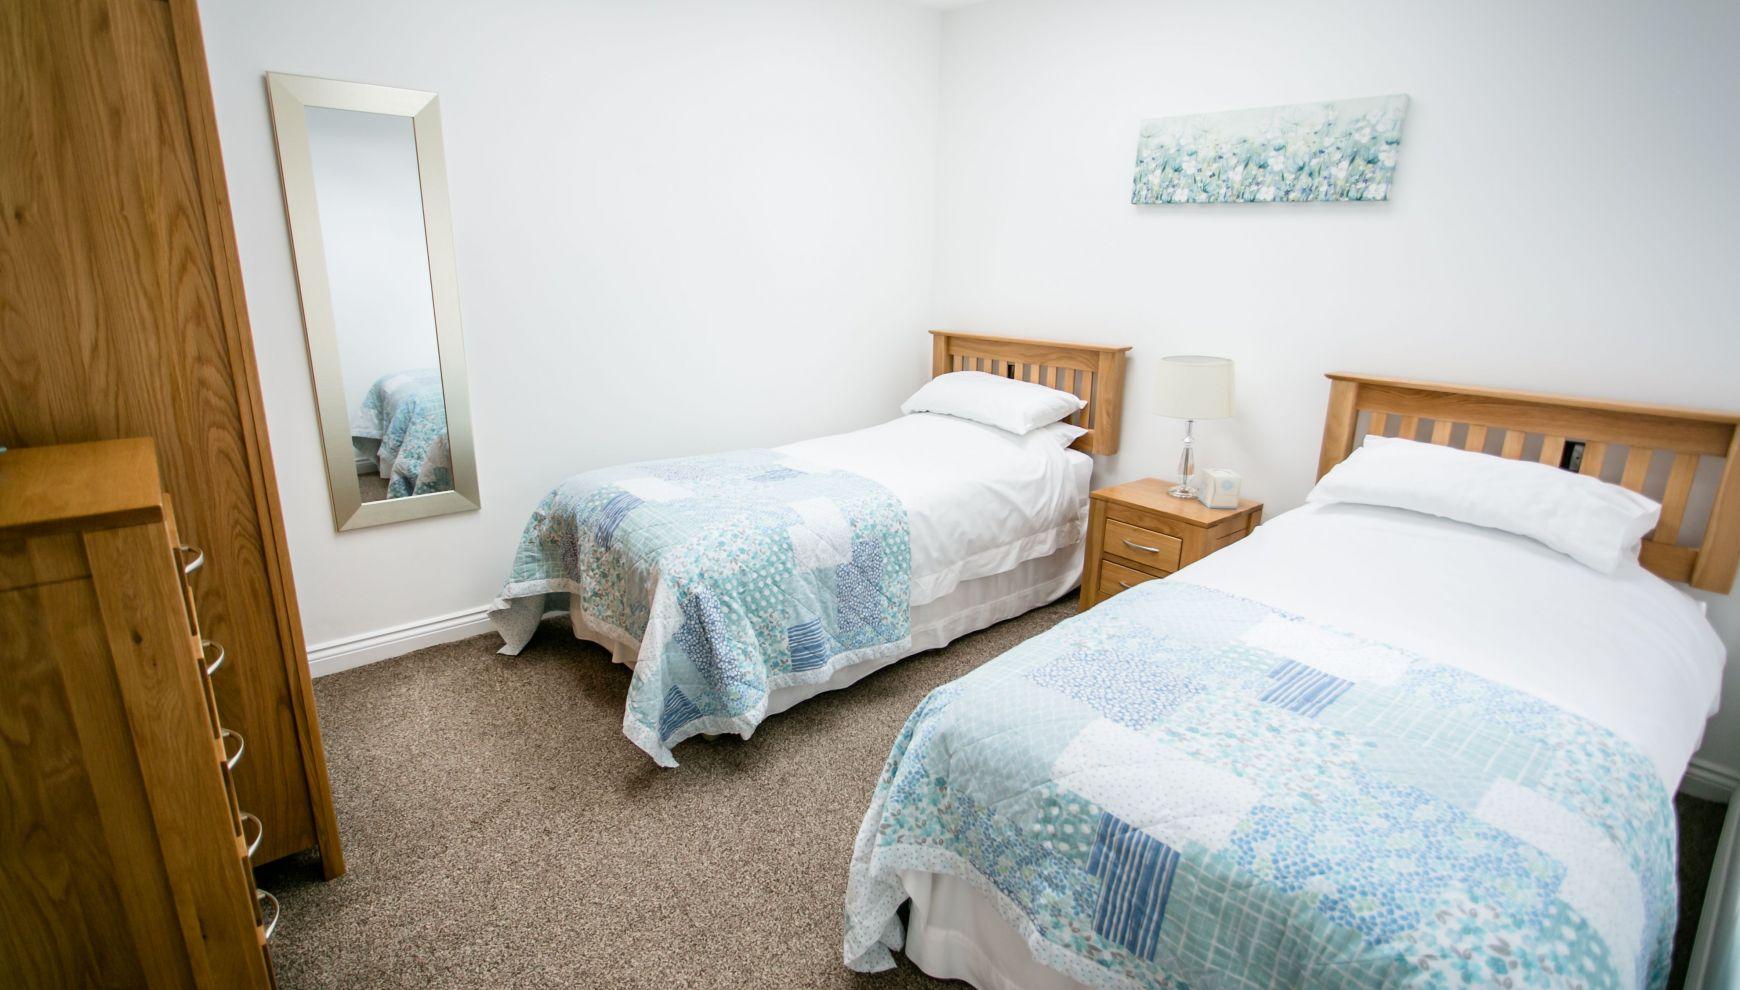 14/15 Twin Bedroom